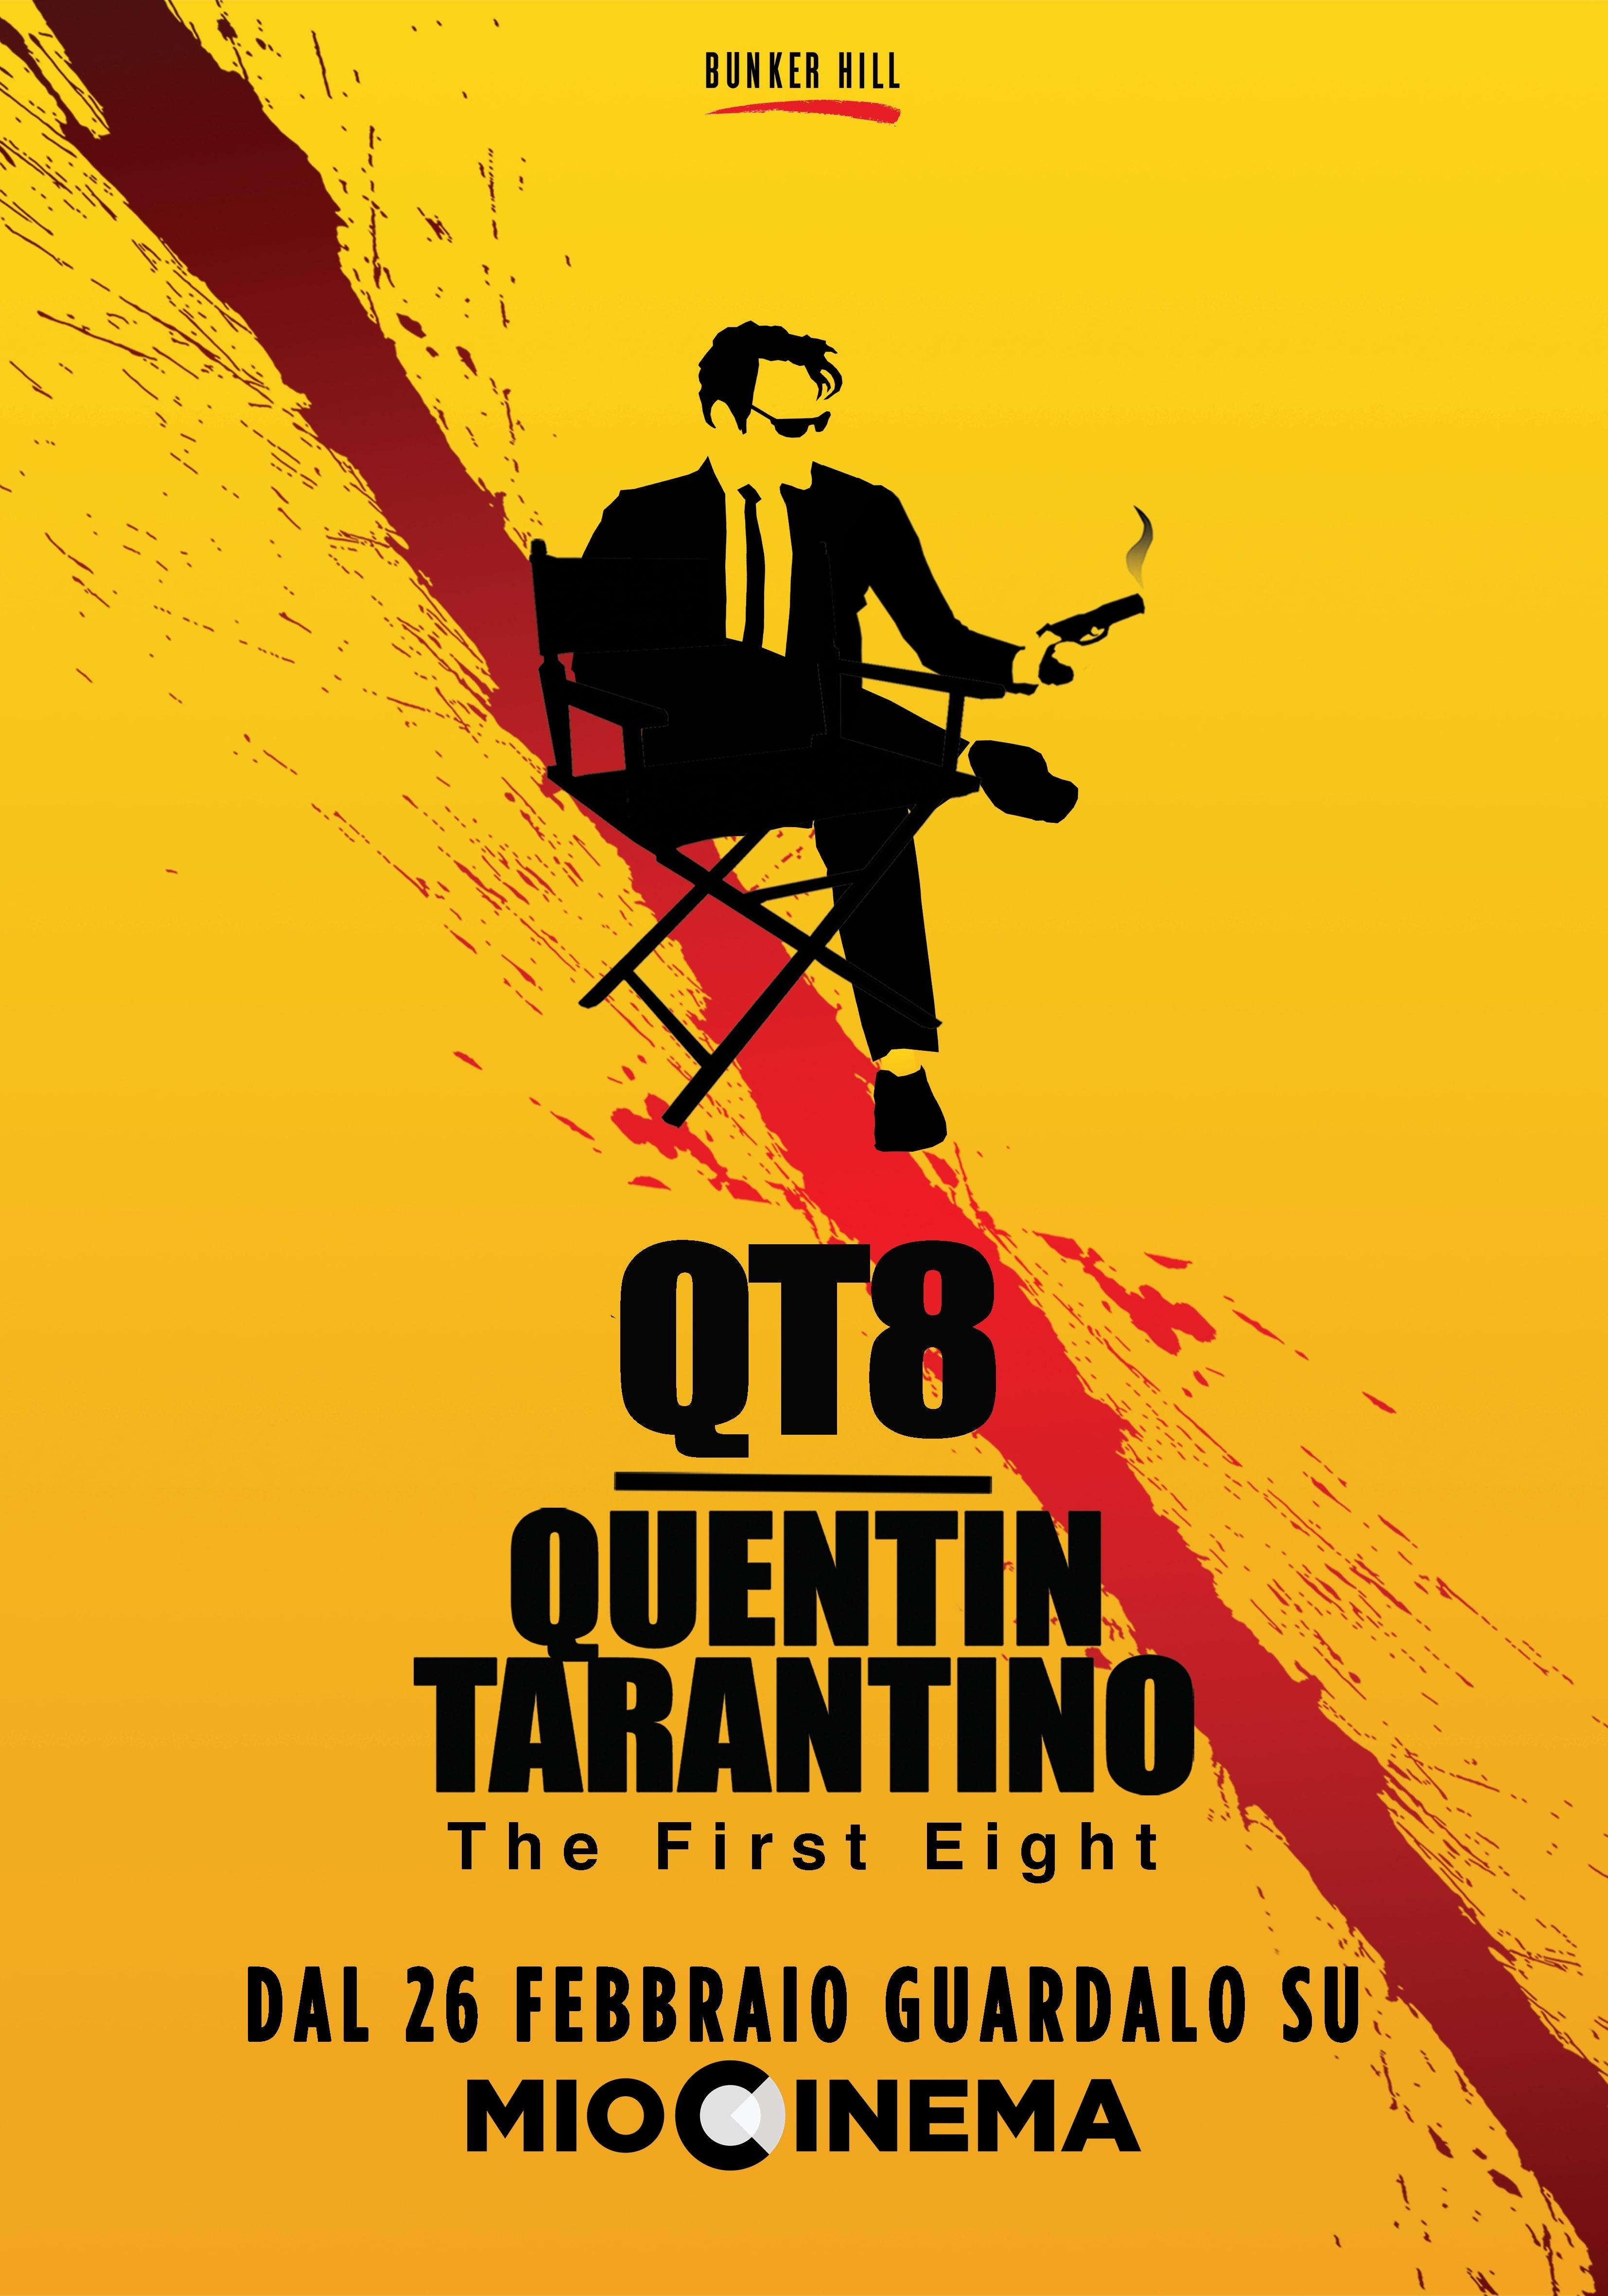 MioCinema: arriva dal 26 febbraio il documentario QT8 - TARANTINO